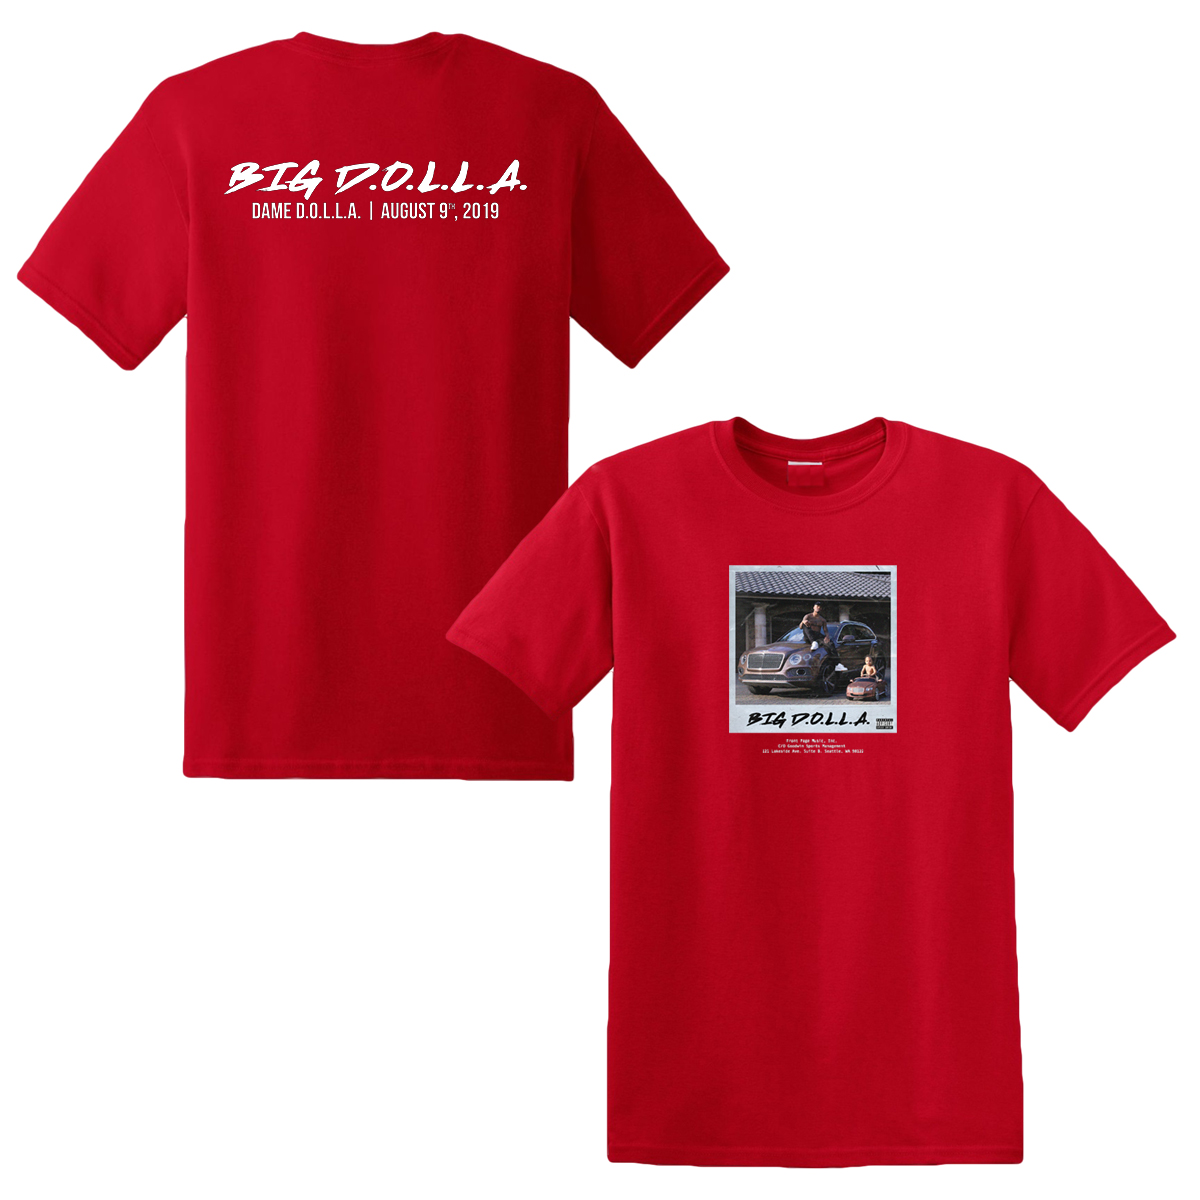 Fan Appreciation Big D.O.L.L.A. Short Sleeve Tee & Big D.O.L.L.A. Deluxe Digital Download